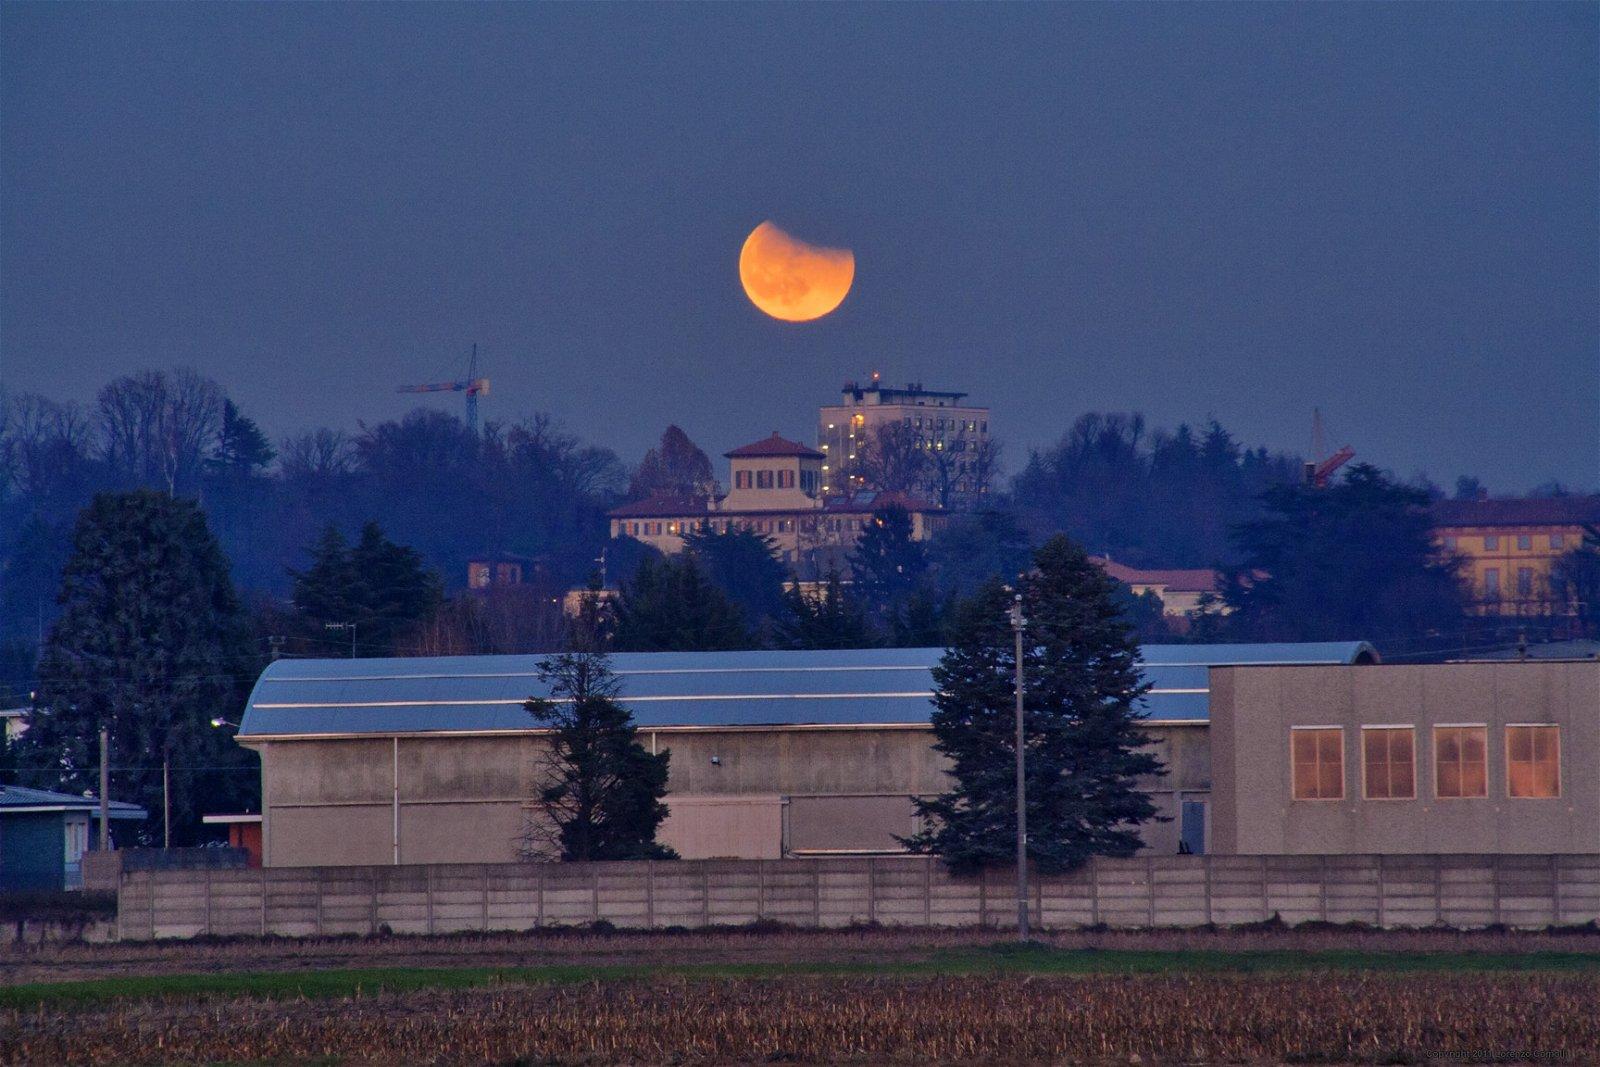 Lunar eclpise